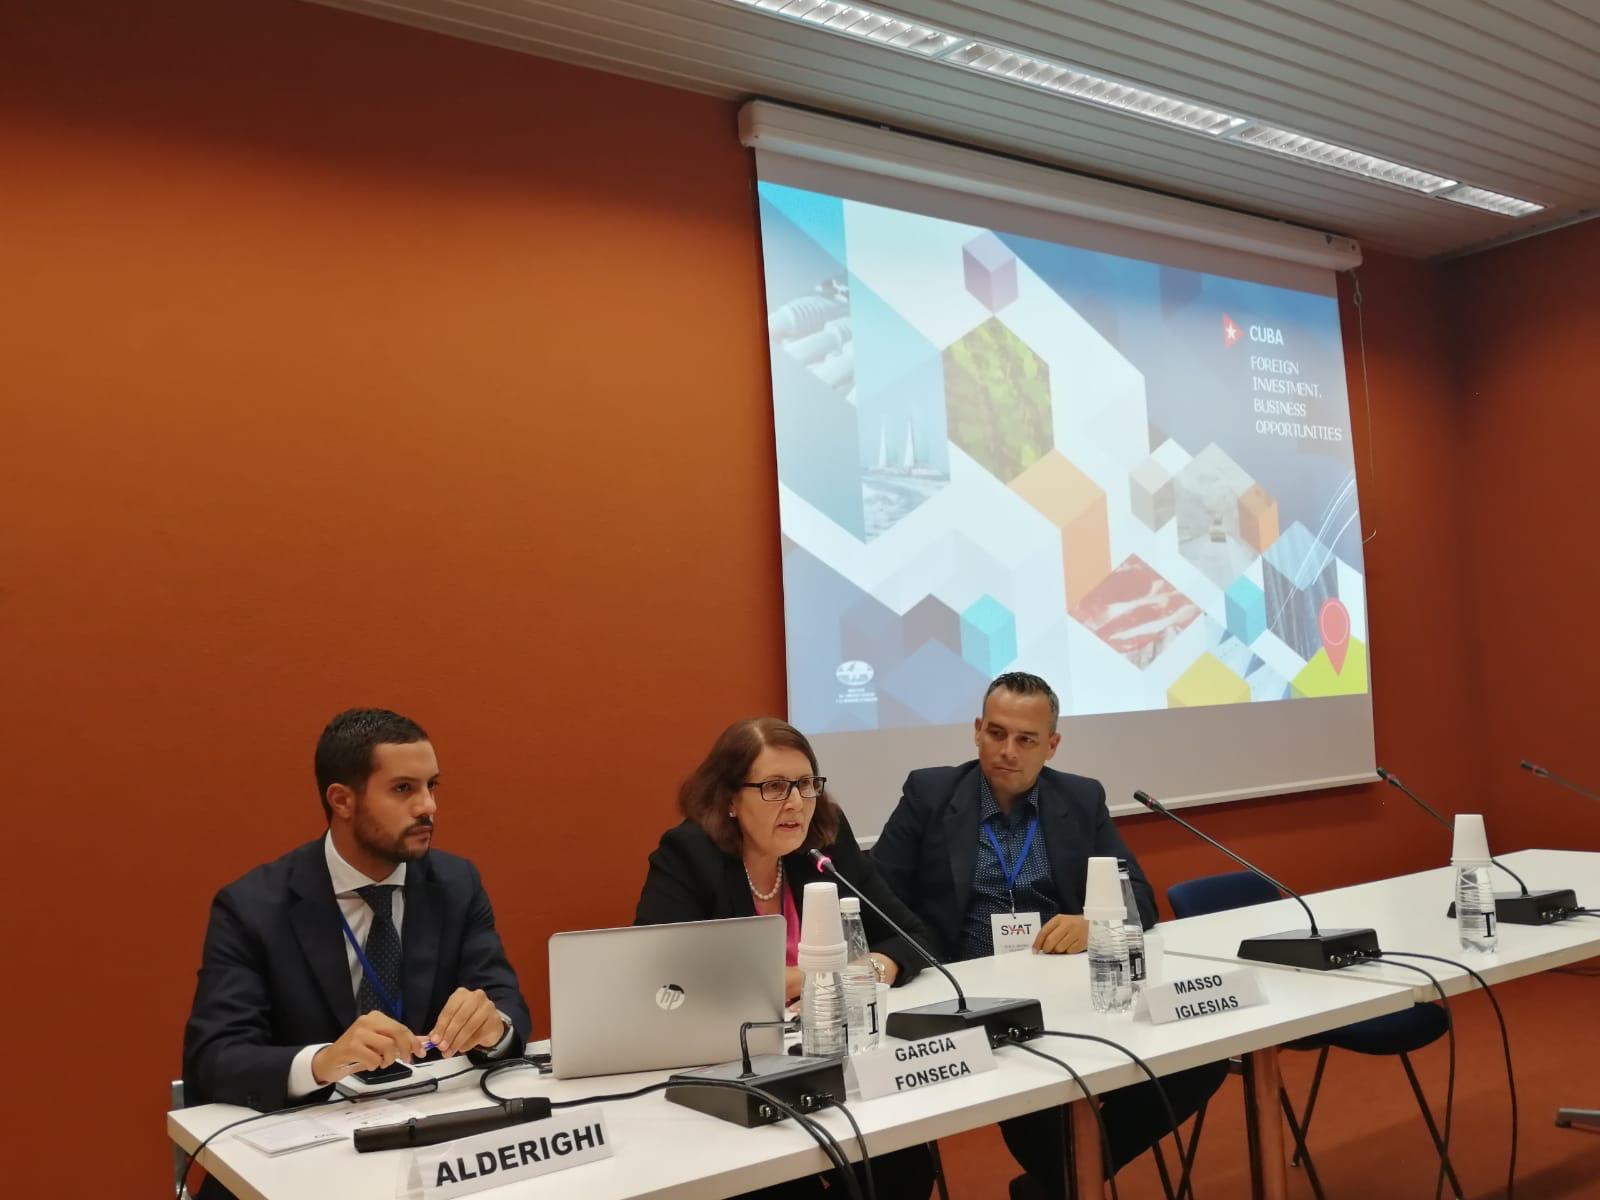 UNIDO ITPO Italy ha organizzato uno study tour nella Regione FVG incentrato sul settore marittimo per due delegati Cubani